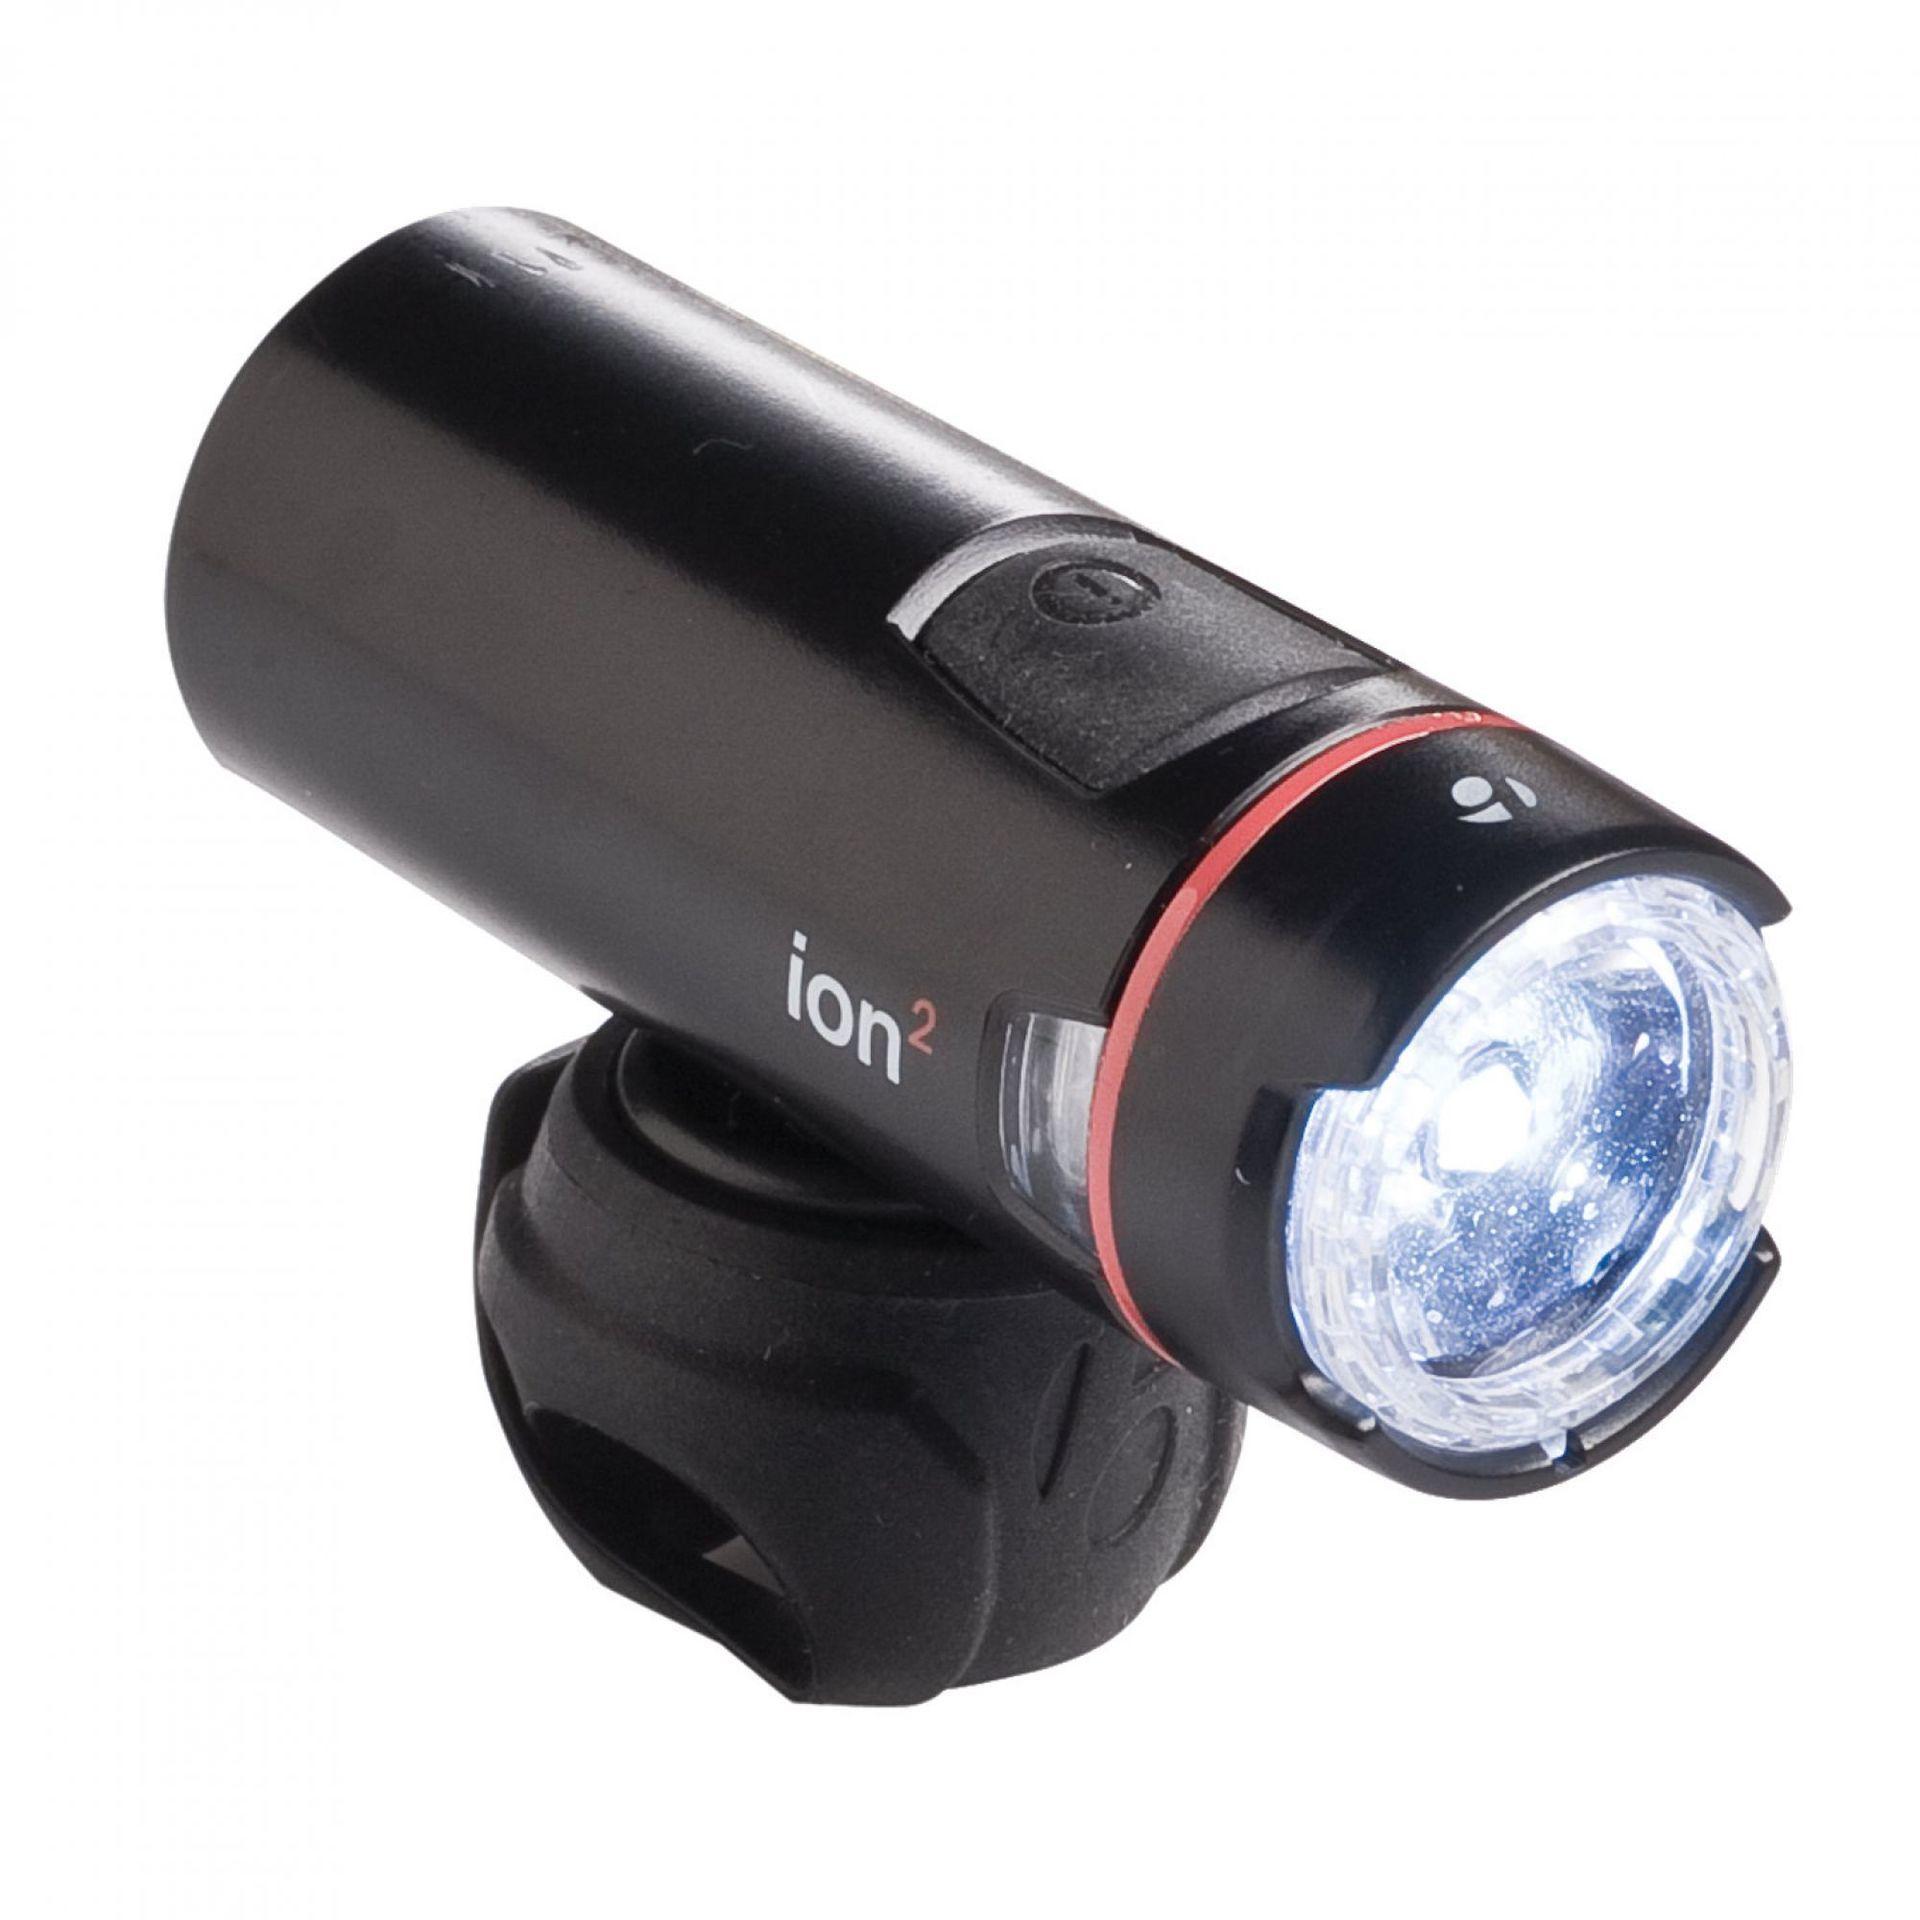 Lampka przednia Bontrager ION2 czarna